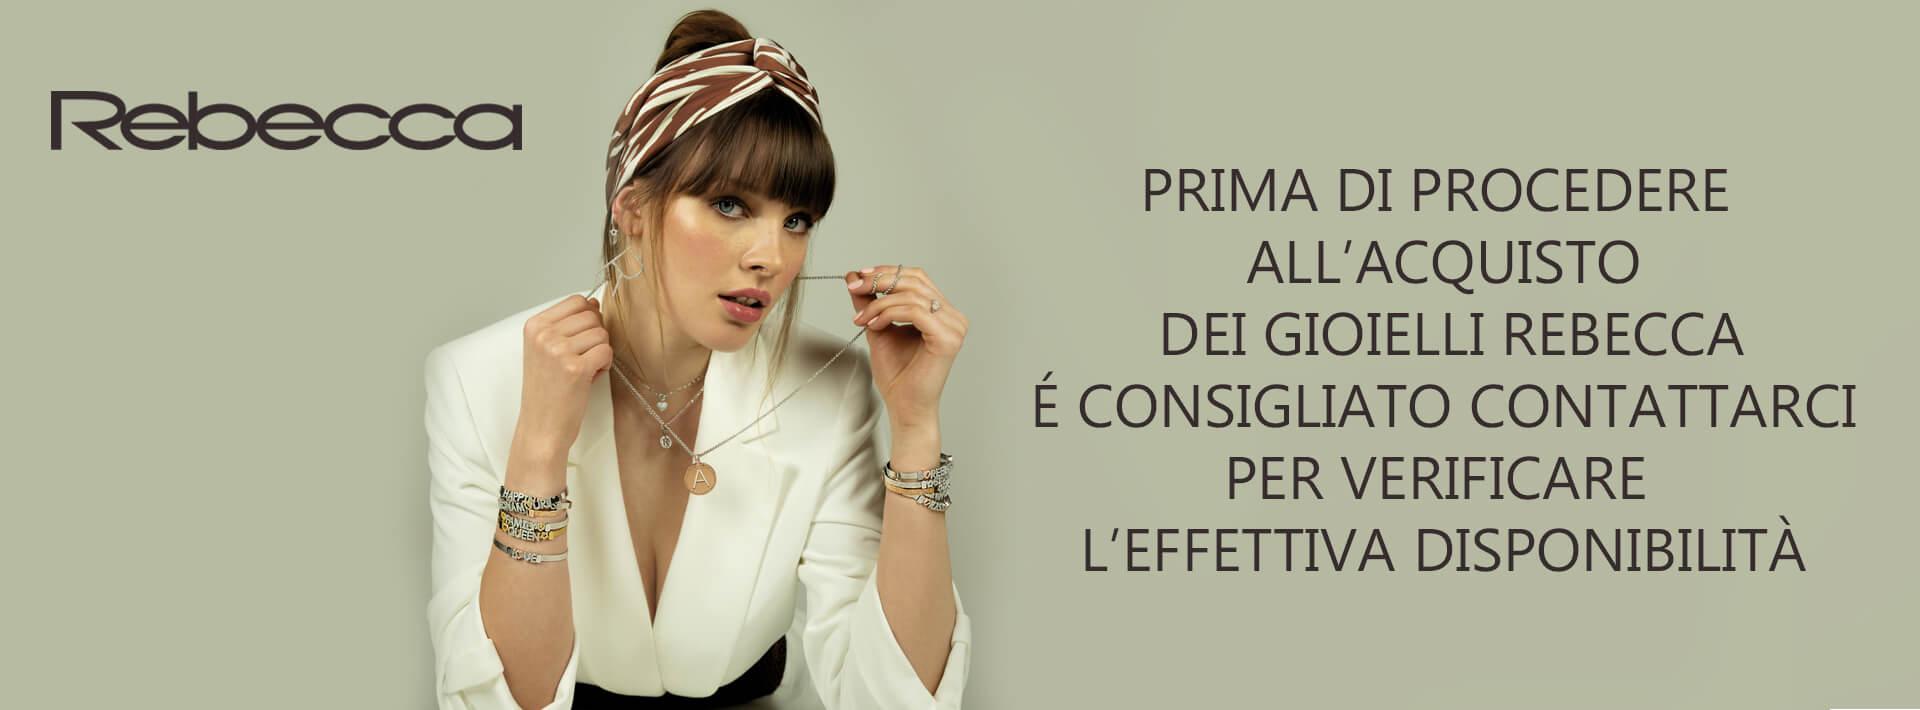 Collezione Rebecca, gioielli donna, idee regalo; Bellipario Gioielleria Palo del Colle, Gioielleria provincia di Bari; Outlet Gioielli